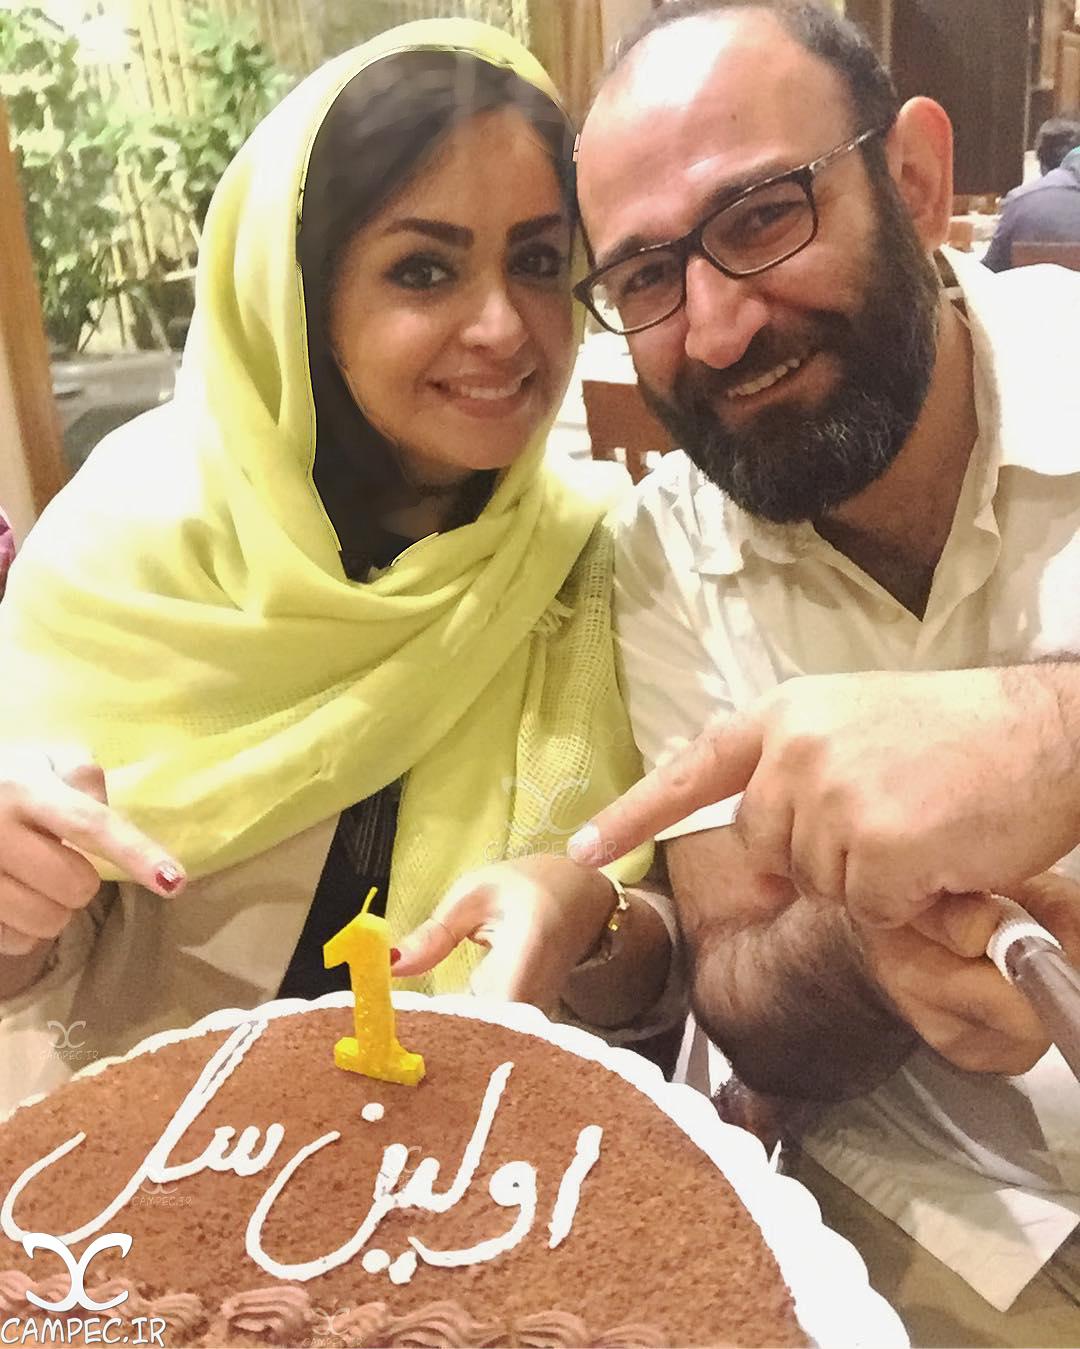 اولین سالگرد ازدواج هدایت هاشمی و همسرش مهشید ناصری!+عکس